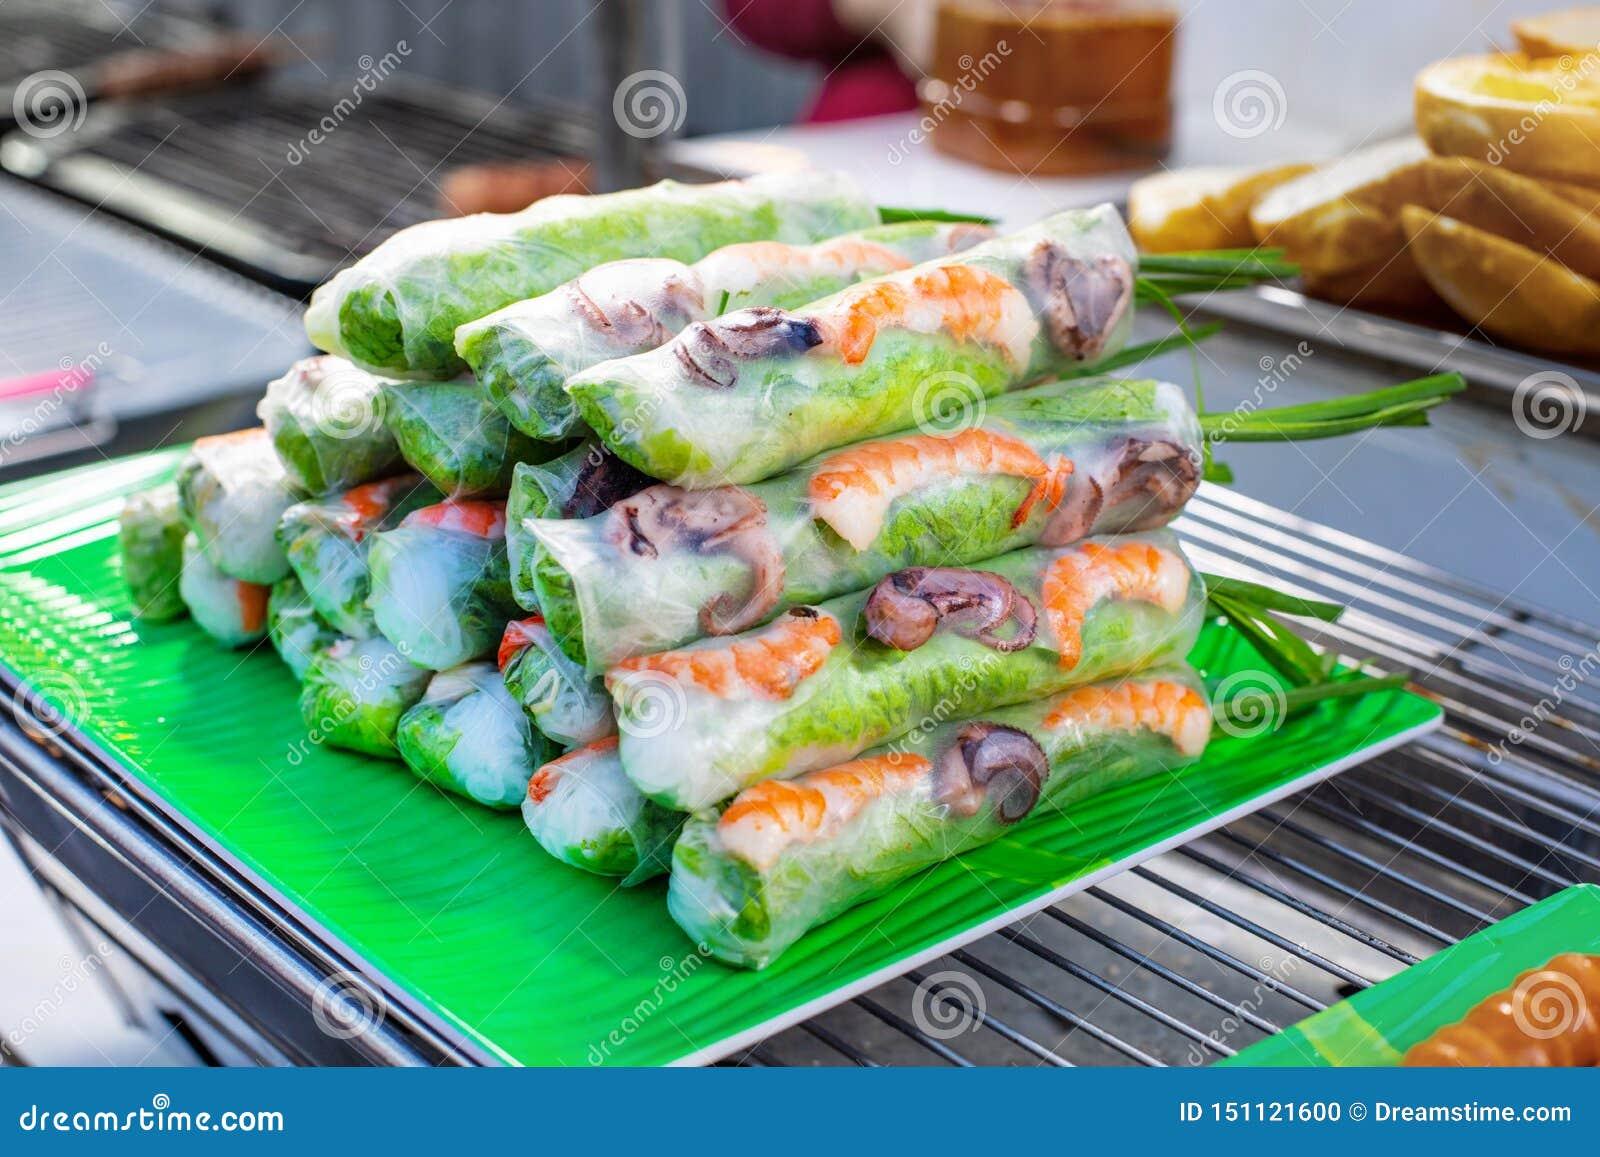 Straßenmarkt mit vietnamesischer Nahrung und cousine Frühlingsrollen mit Meeresfrüchten und Gemüse